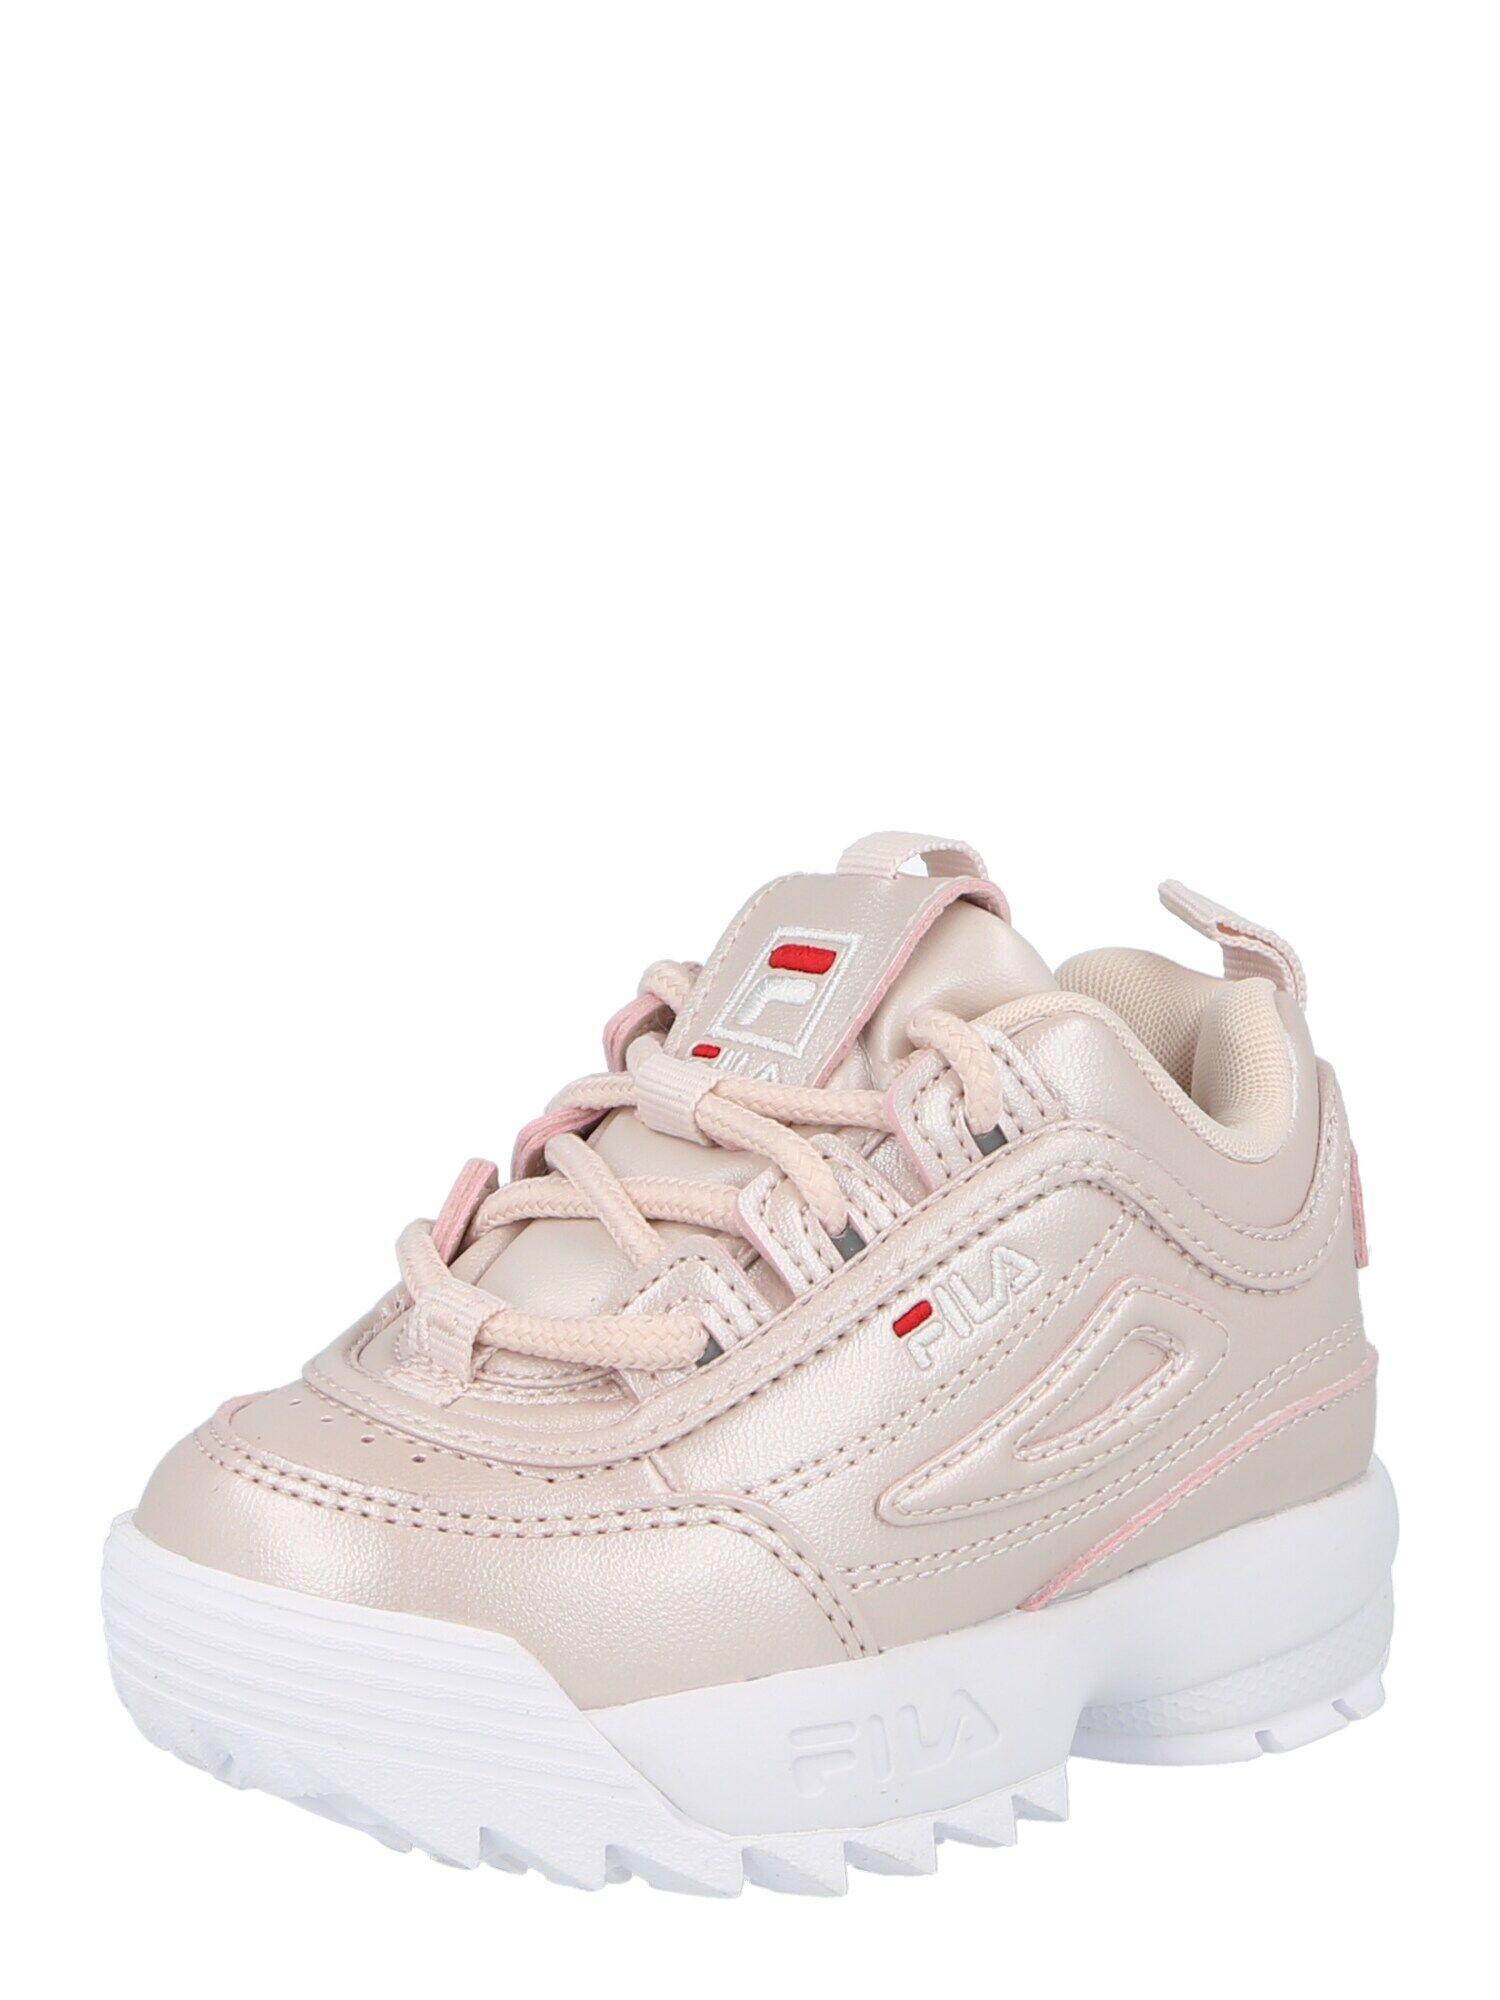 FILA Baskets 'Disruptor  Infants'  - Rose - Taille: 20 - girl